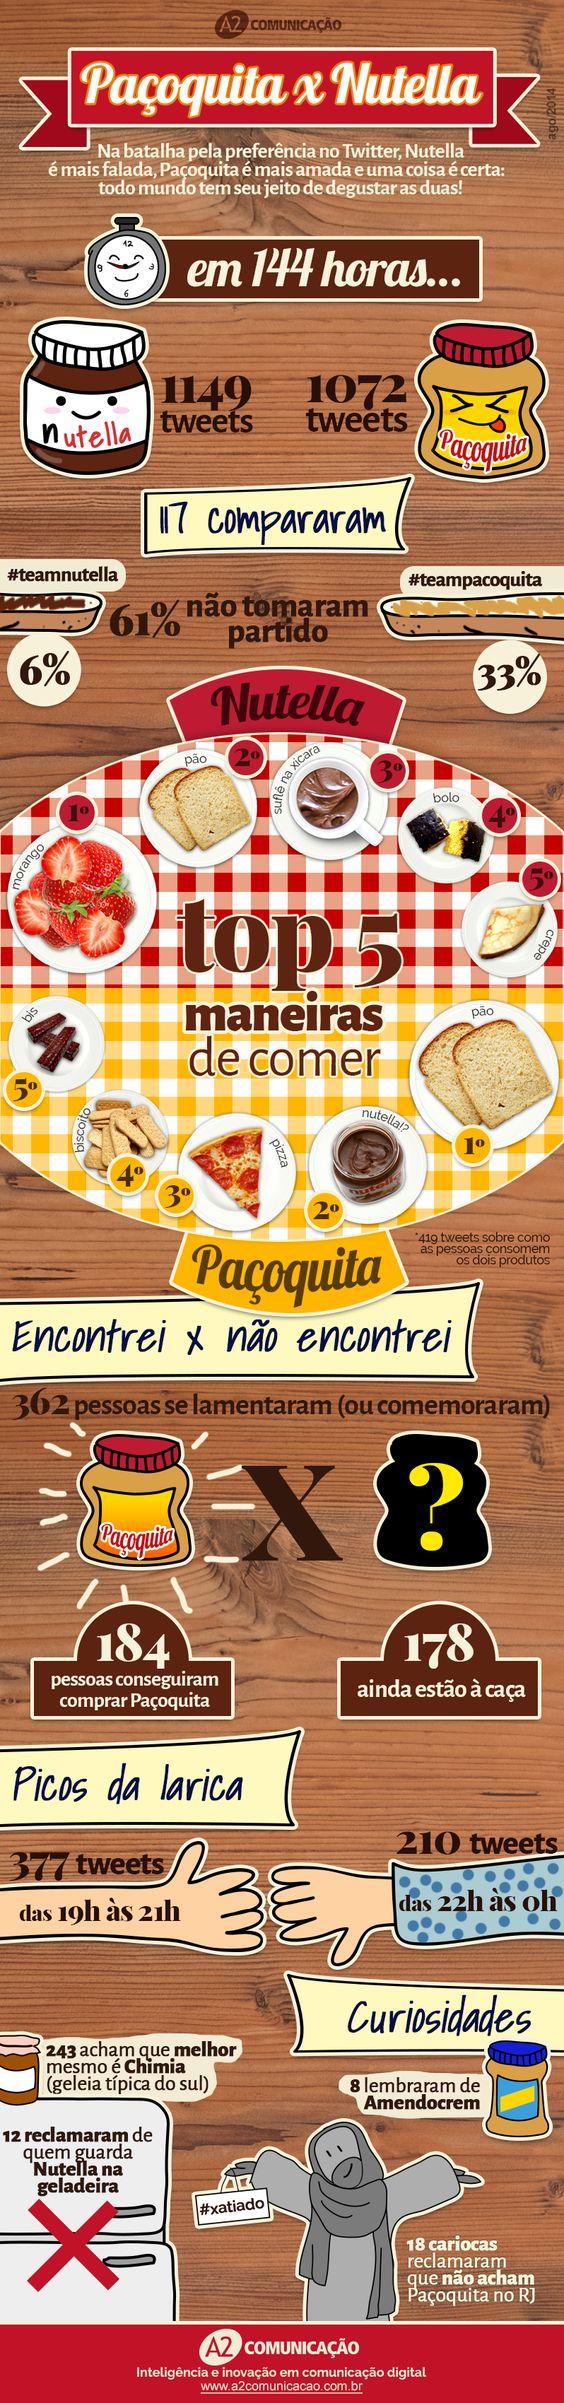 Nutella x Paçoquita | Infográfico revela a disputa de popularidade no Twitter - Blue Bus